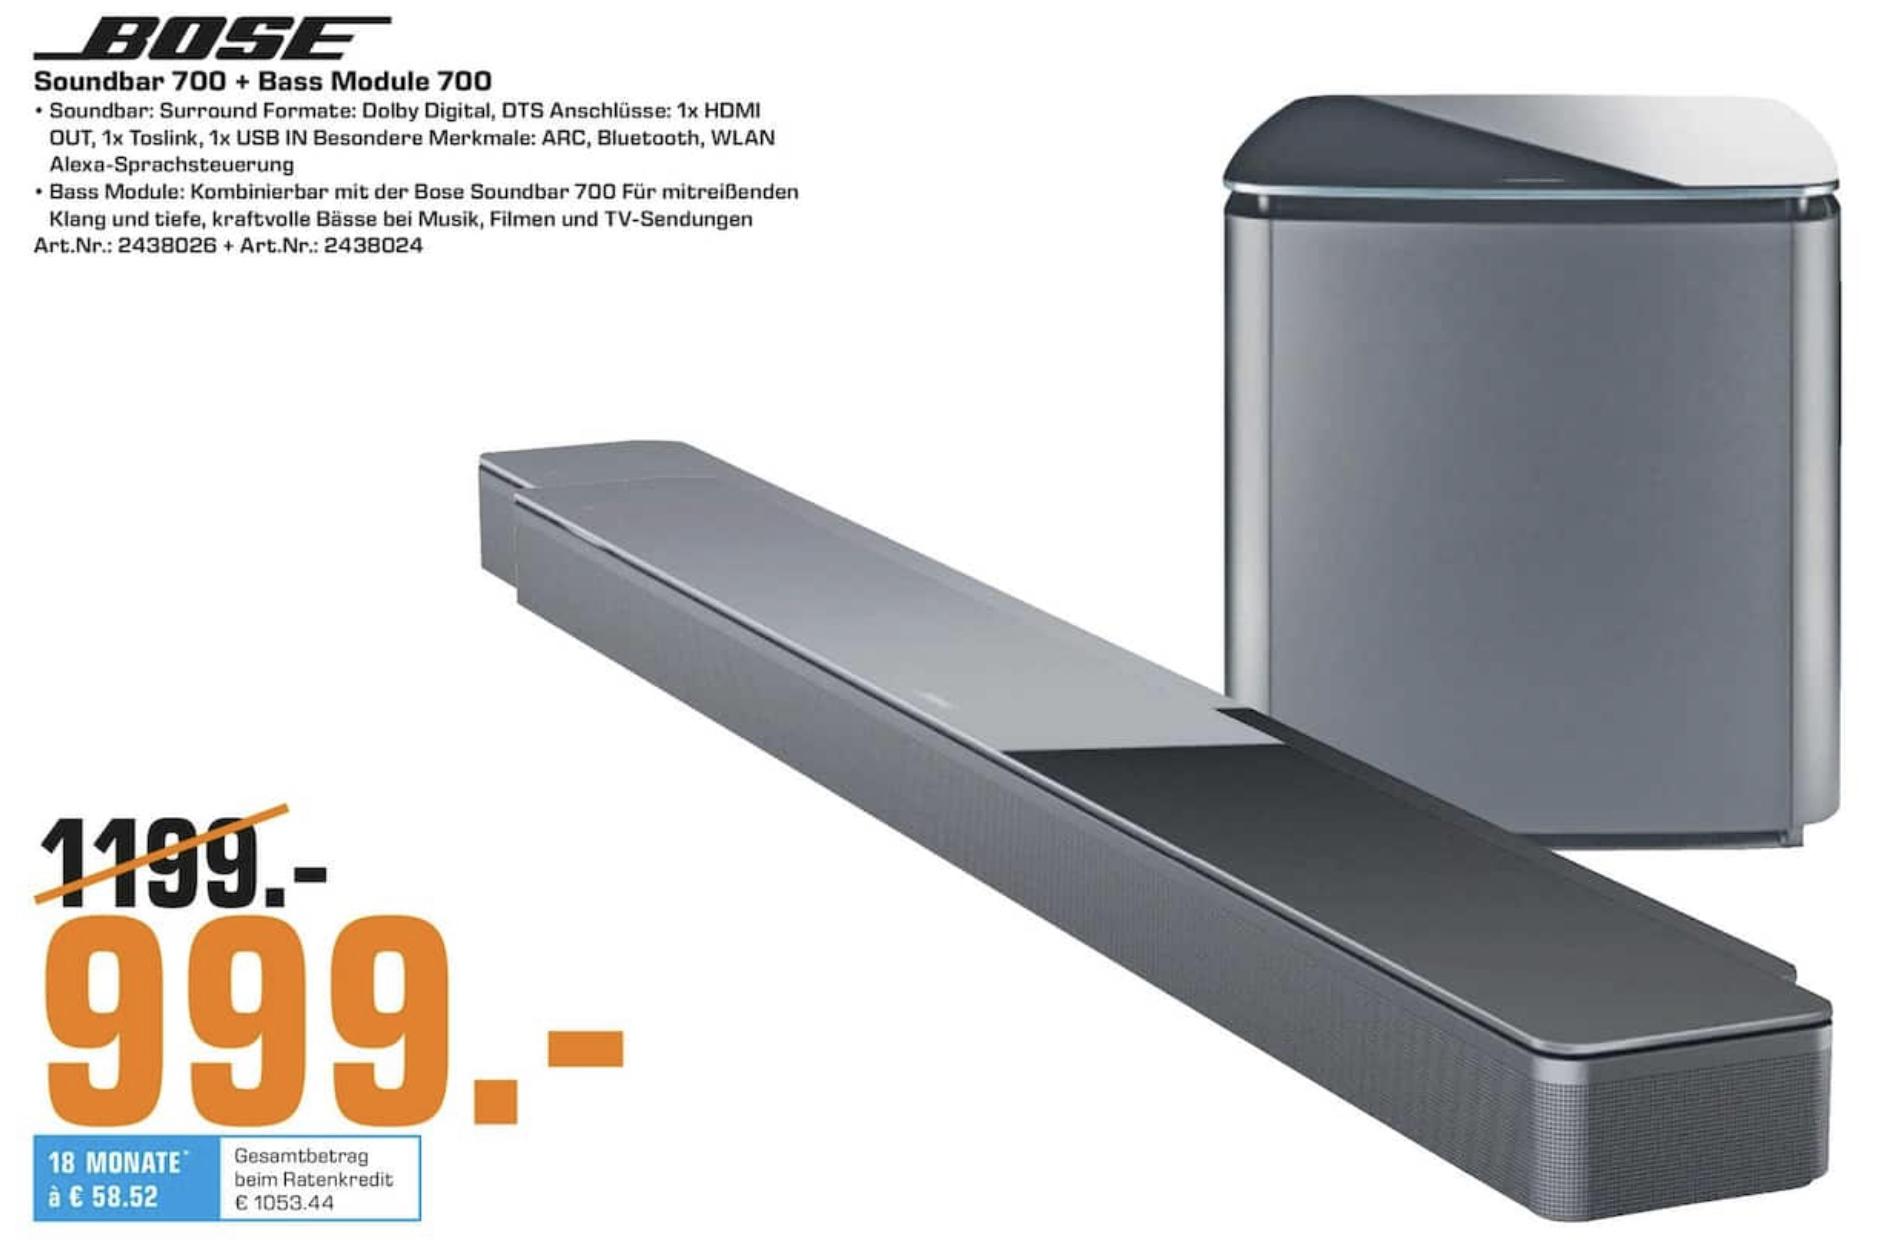 Lokal Saturn Lübeck: Bose Soundbar 700 + Bose wireless Bass Module 700 für zusammen 999€ - evtl. auch im Bose Store